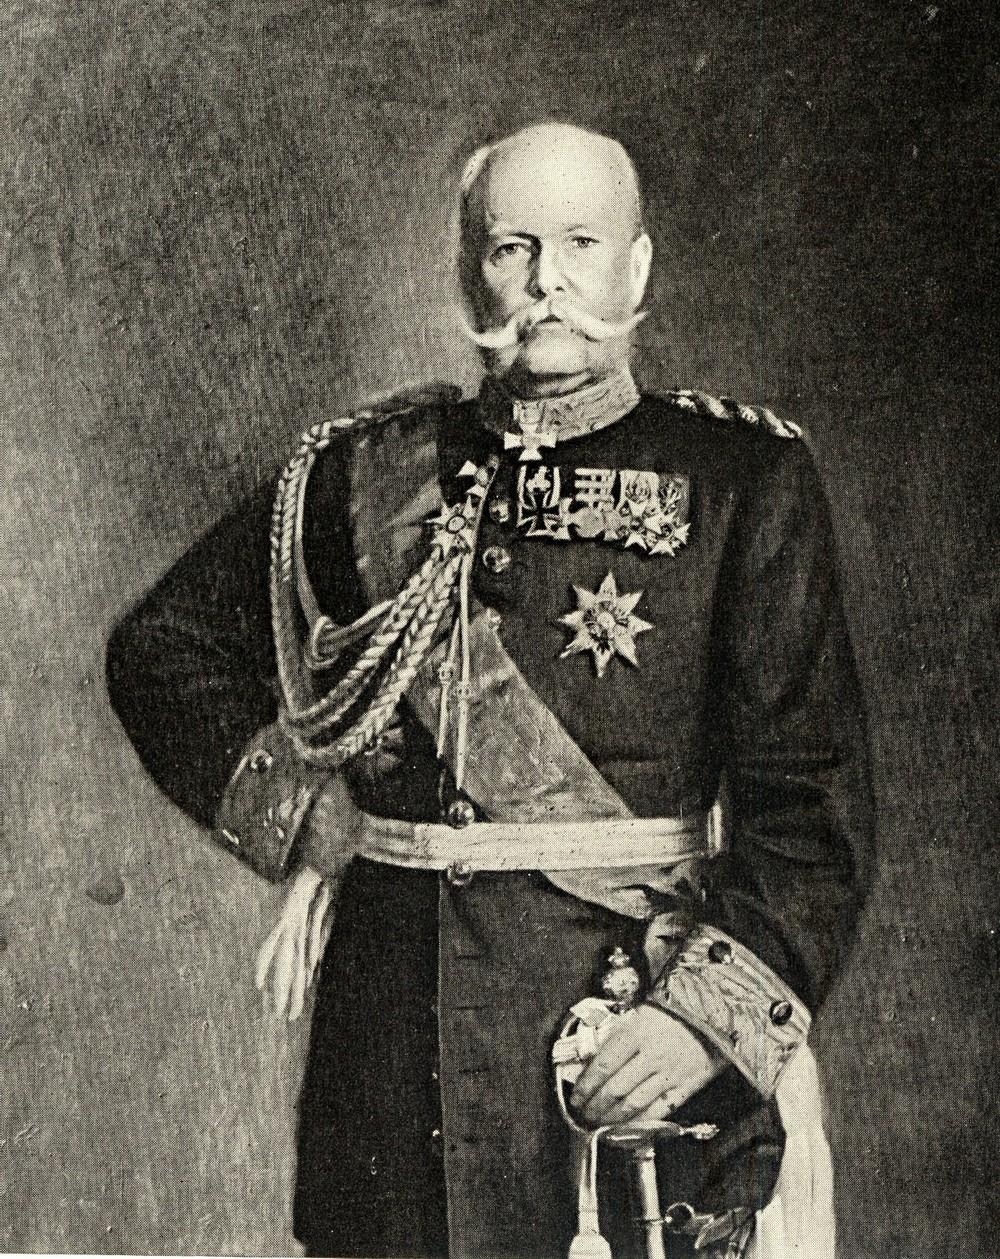 ロイセン(ドイツ)から招いたメッケルの軍事学が、近代日本の軍事学の基礎になった